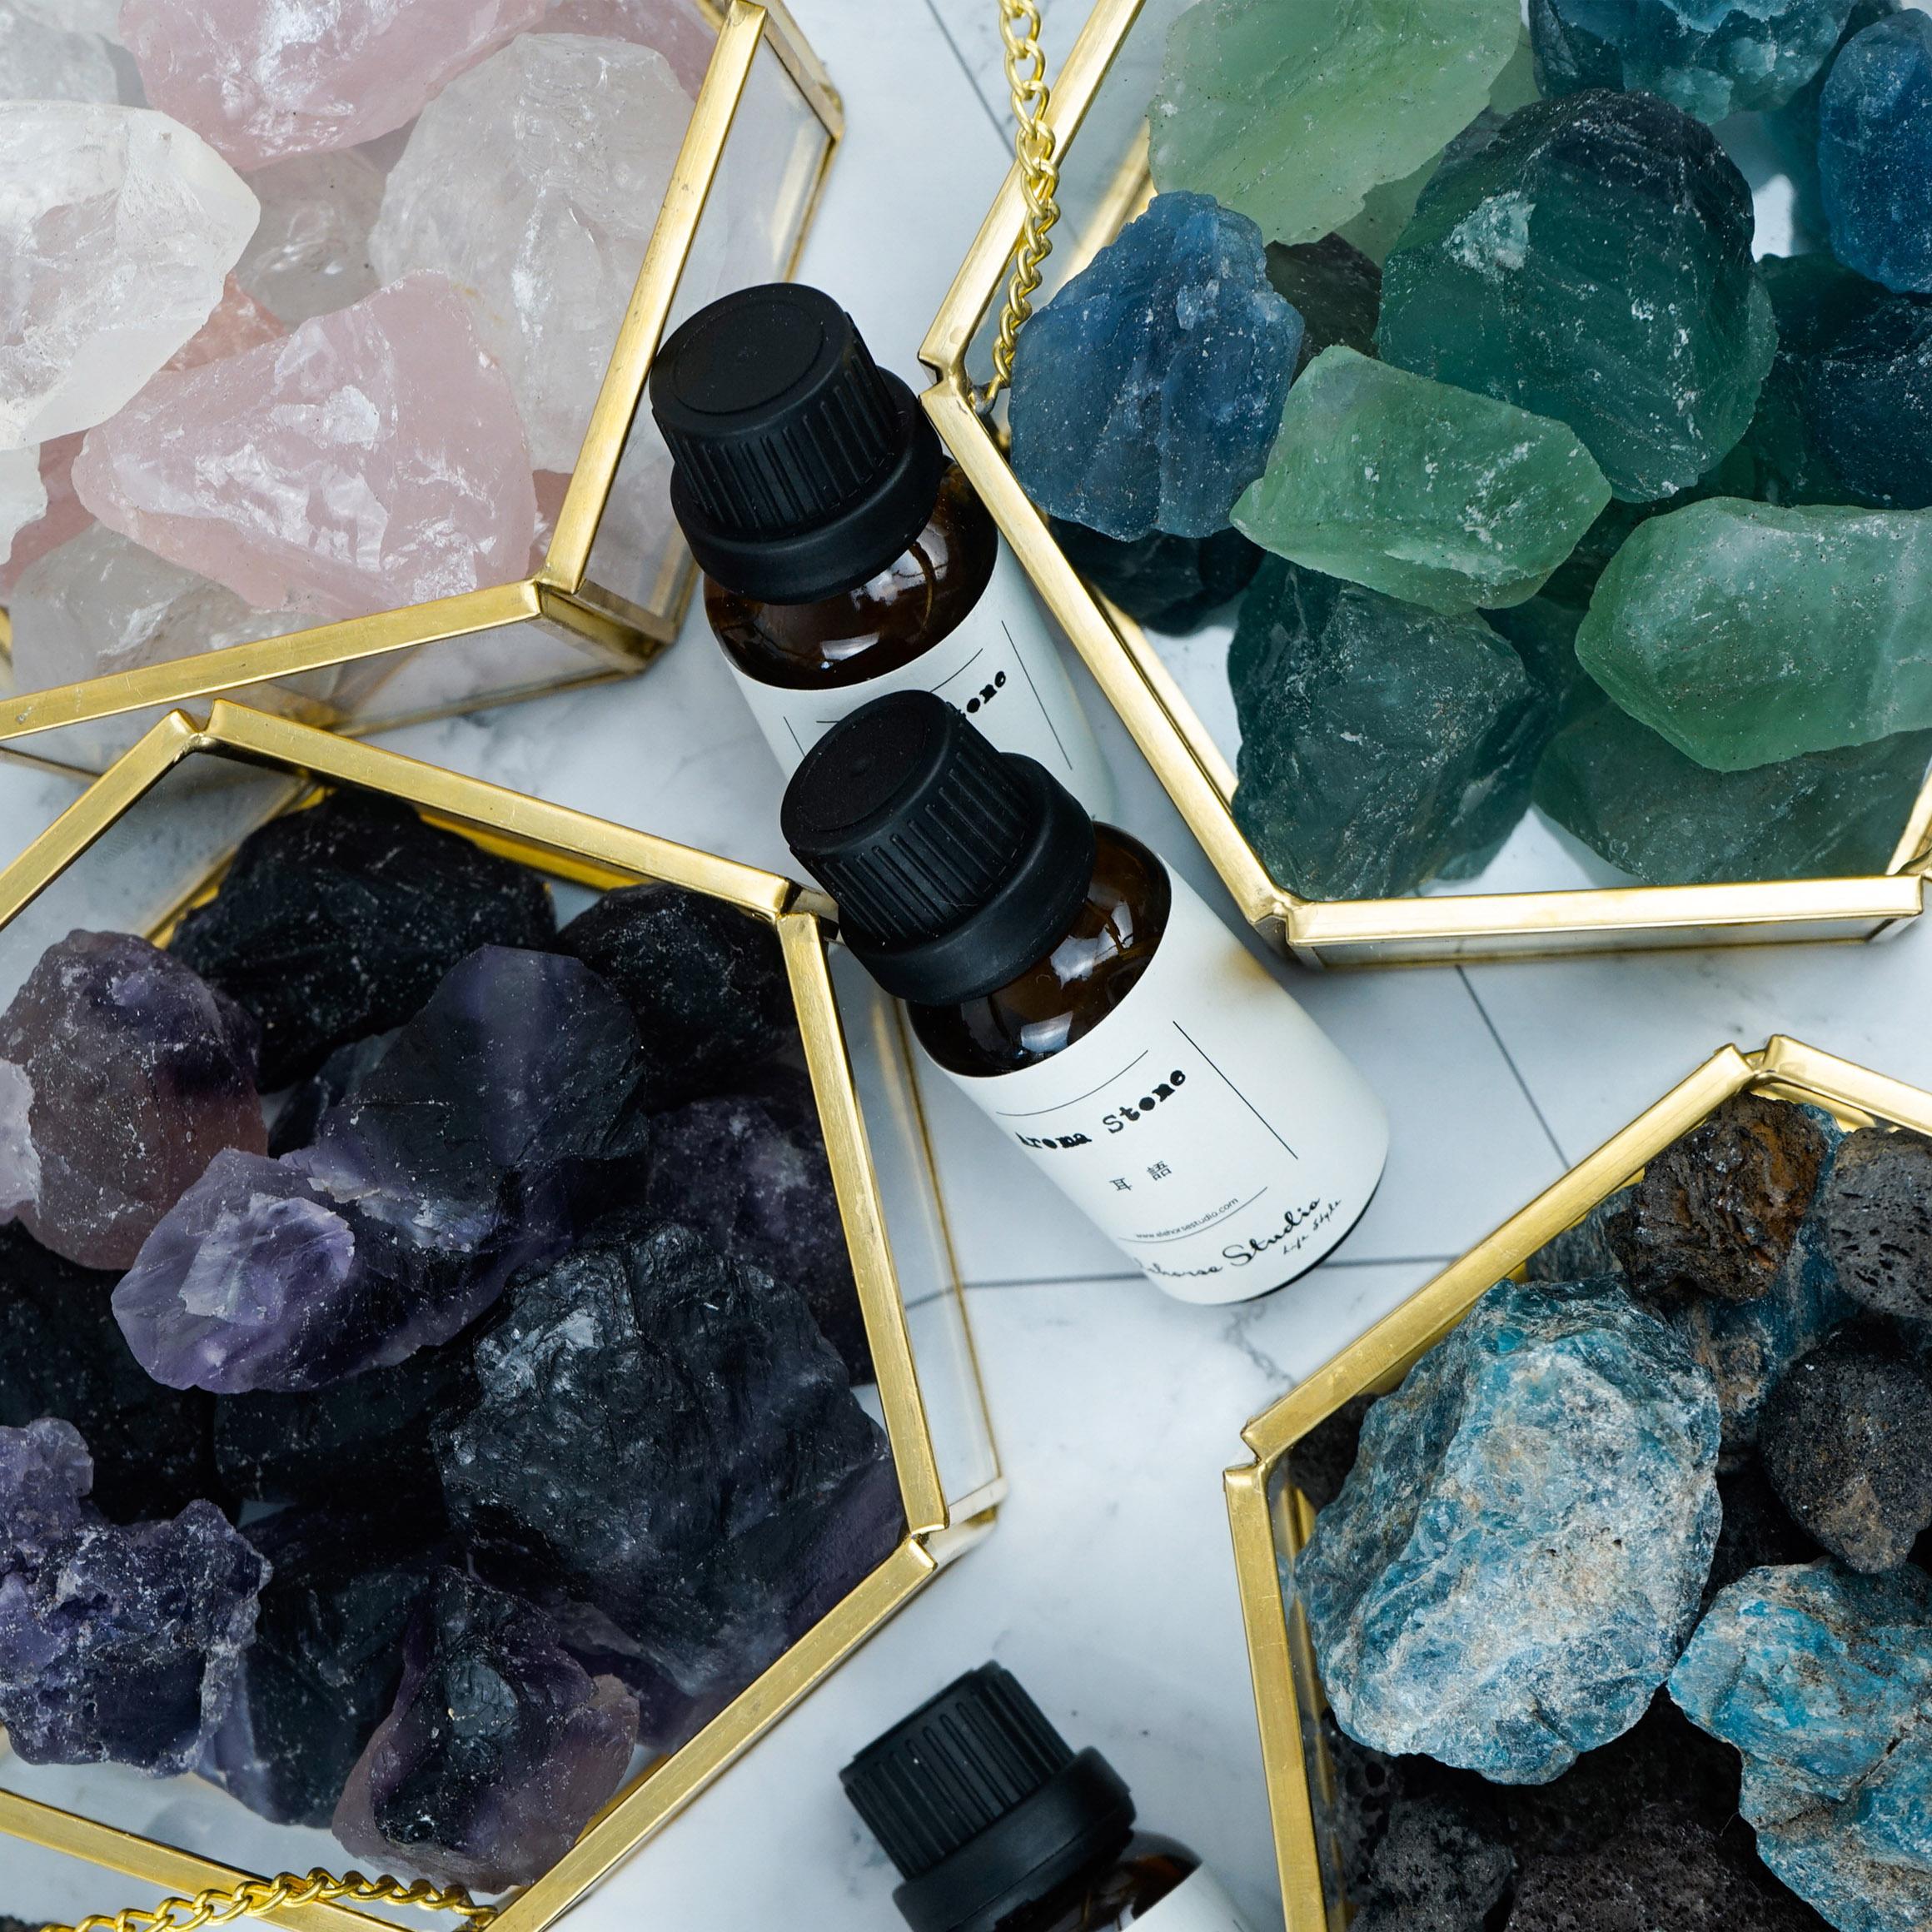 ElehorseStudio 室内香氛 扩香原石 Aroma Stone